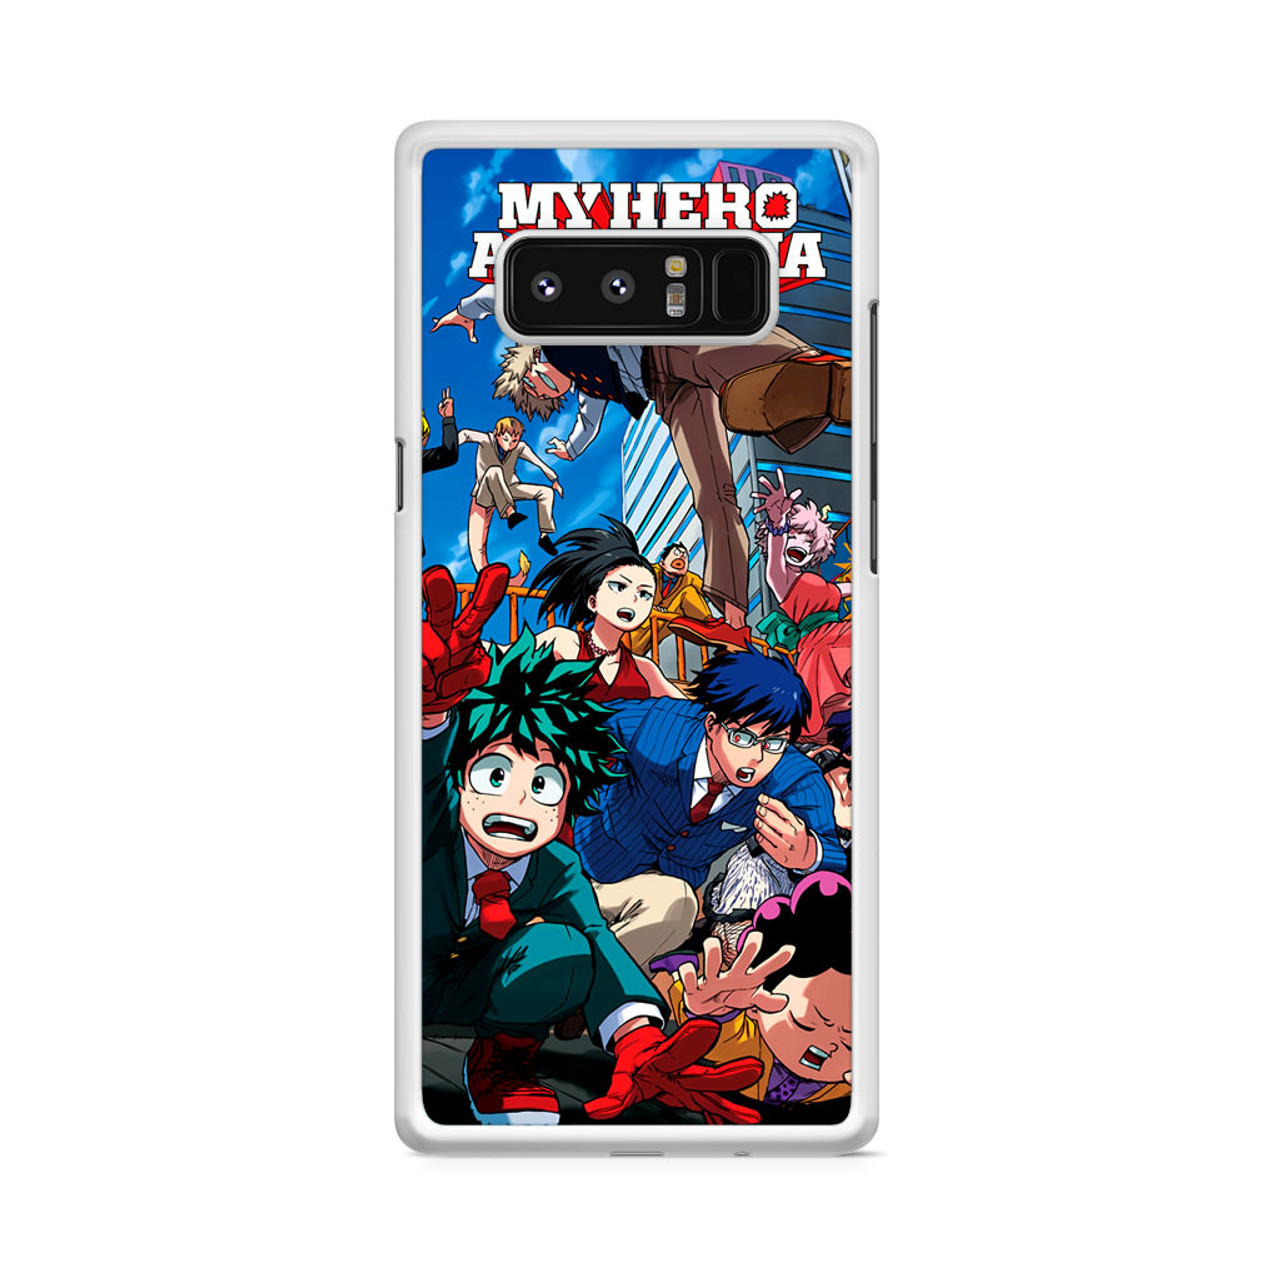 My Hero Academia Samsung Galaxy Note 8 Case